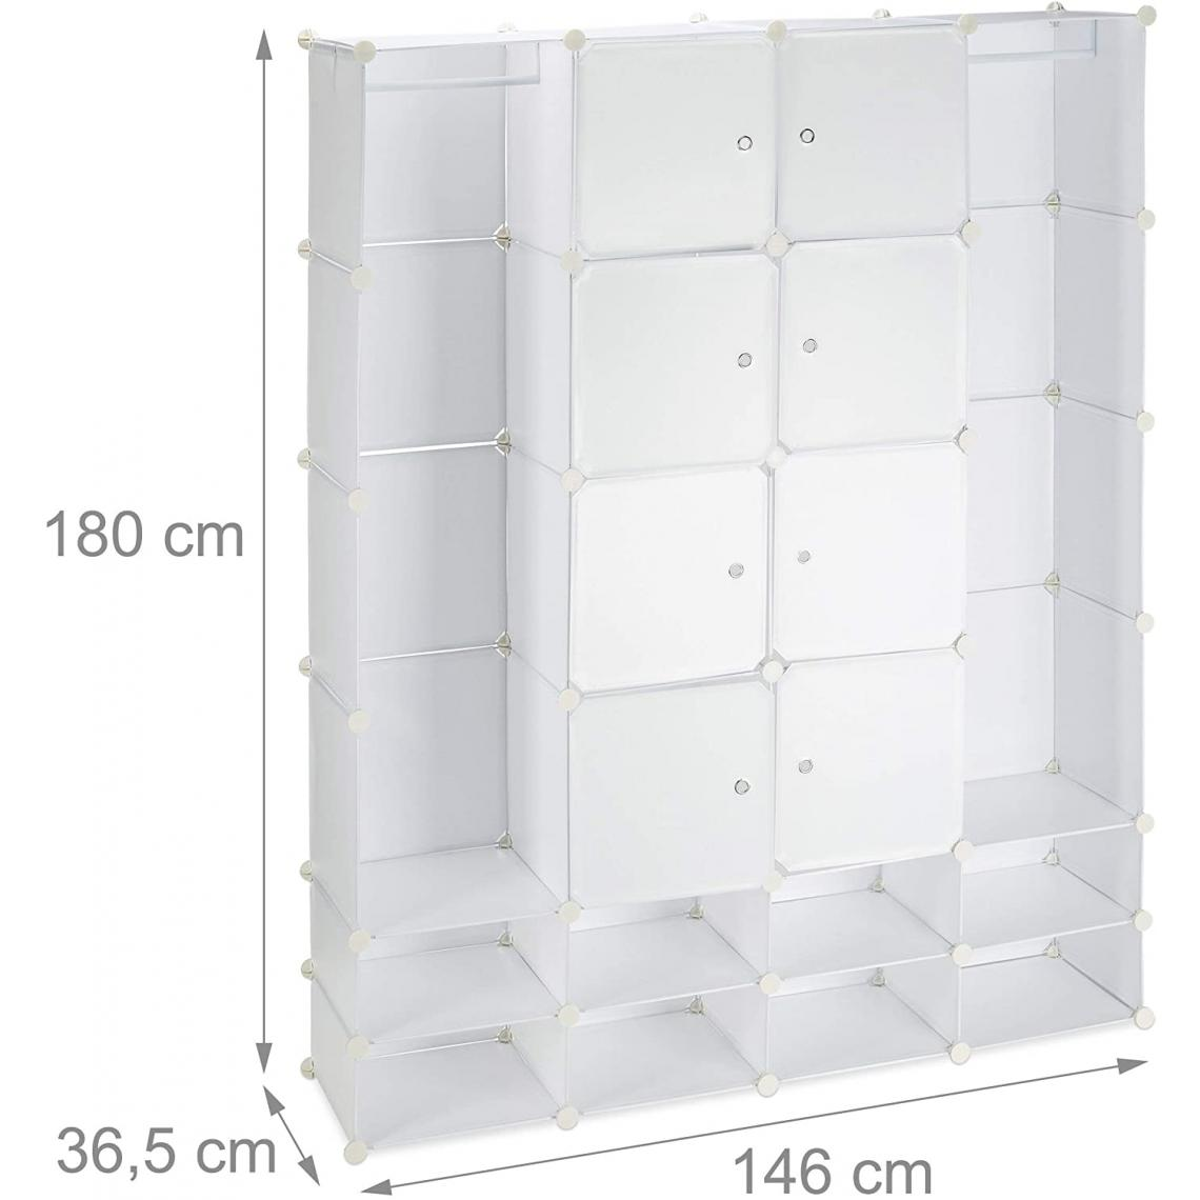 Helloshop26 Armoire de rangement en plastique meuble penderie étagère avec portes et tringle 180 cm blanc 13_0001958_2